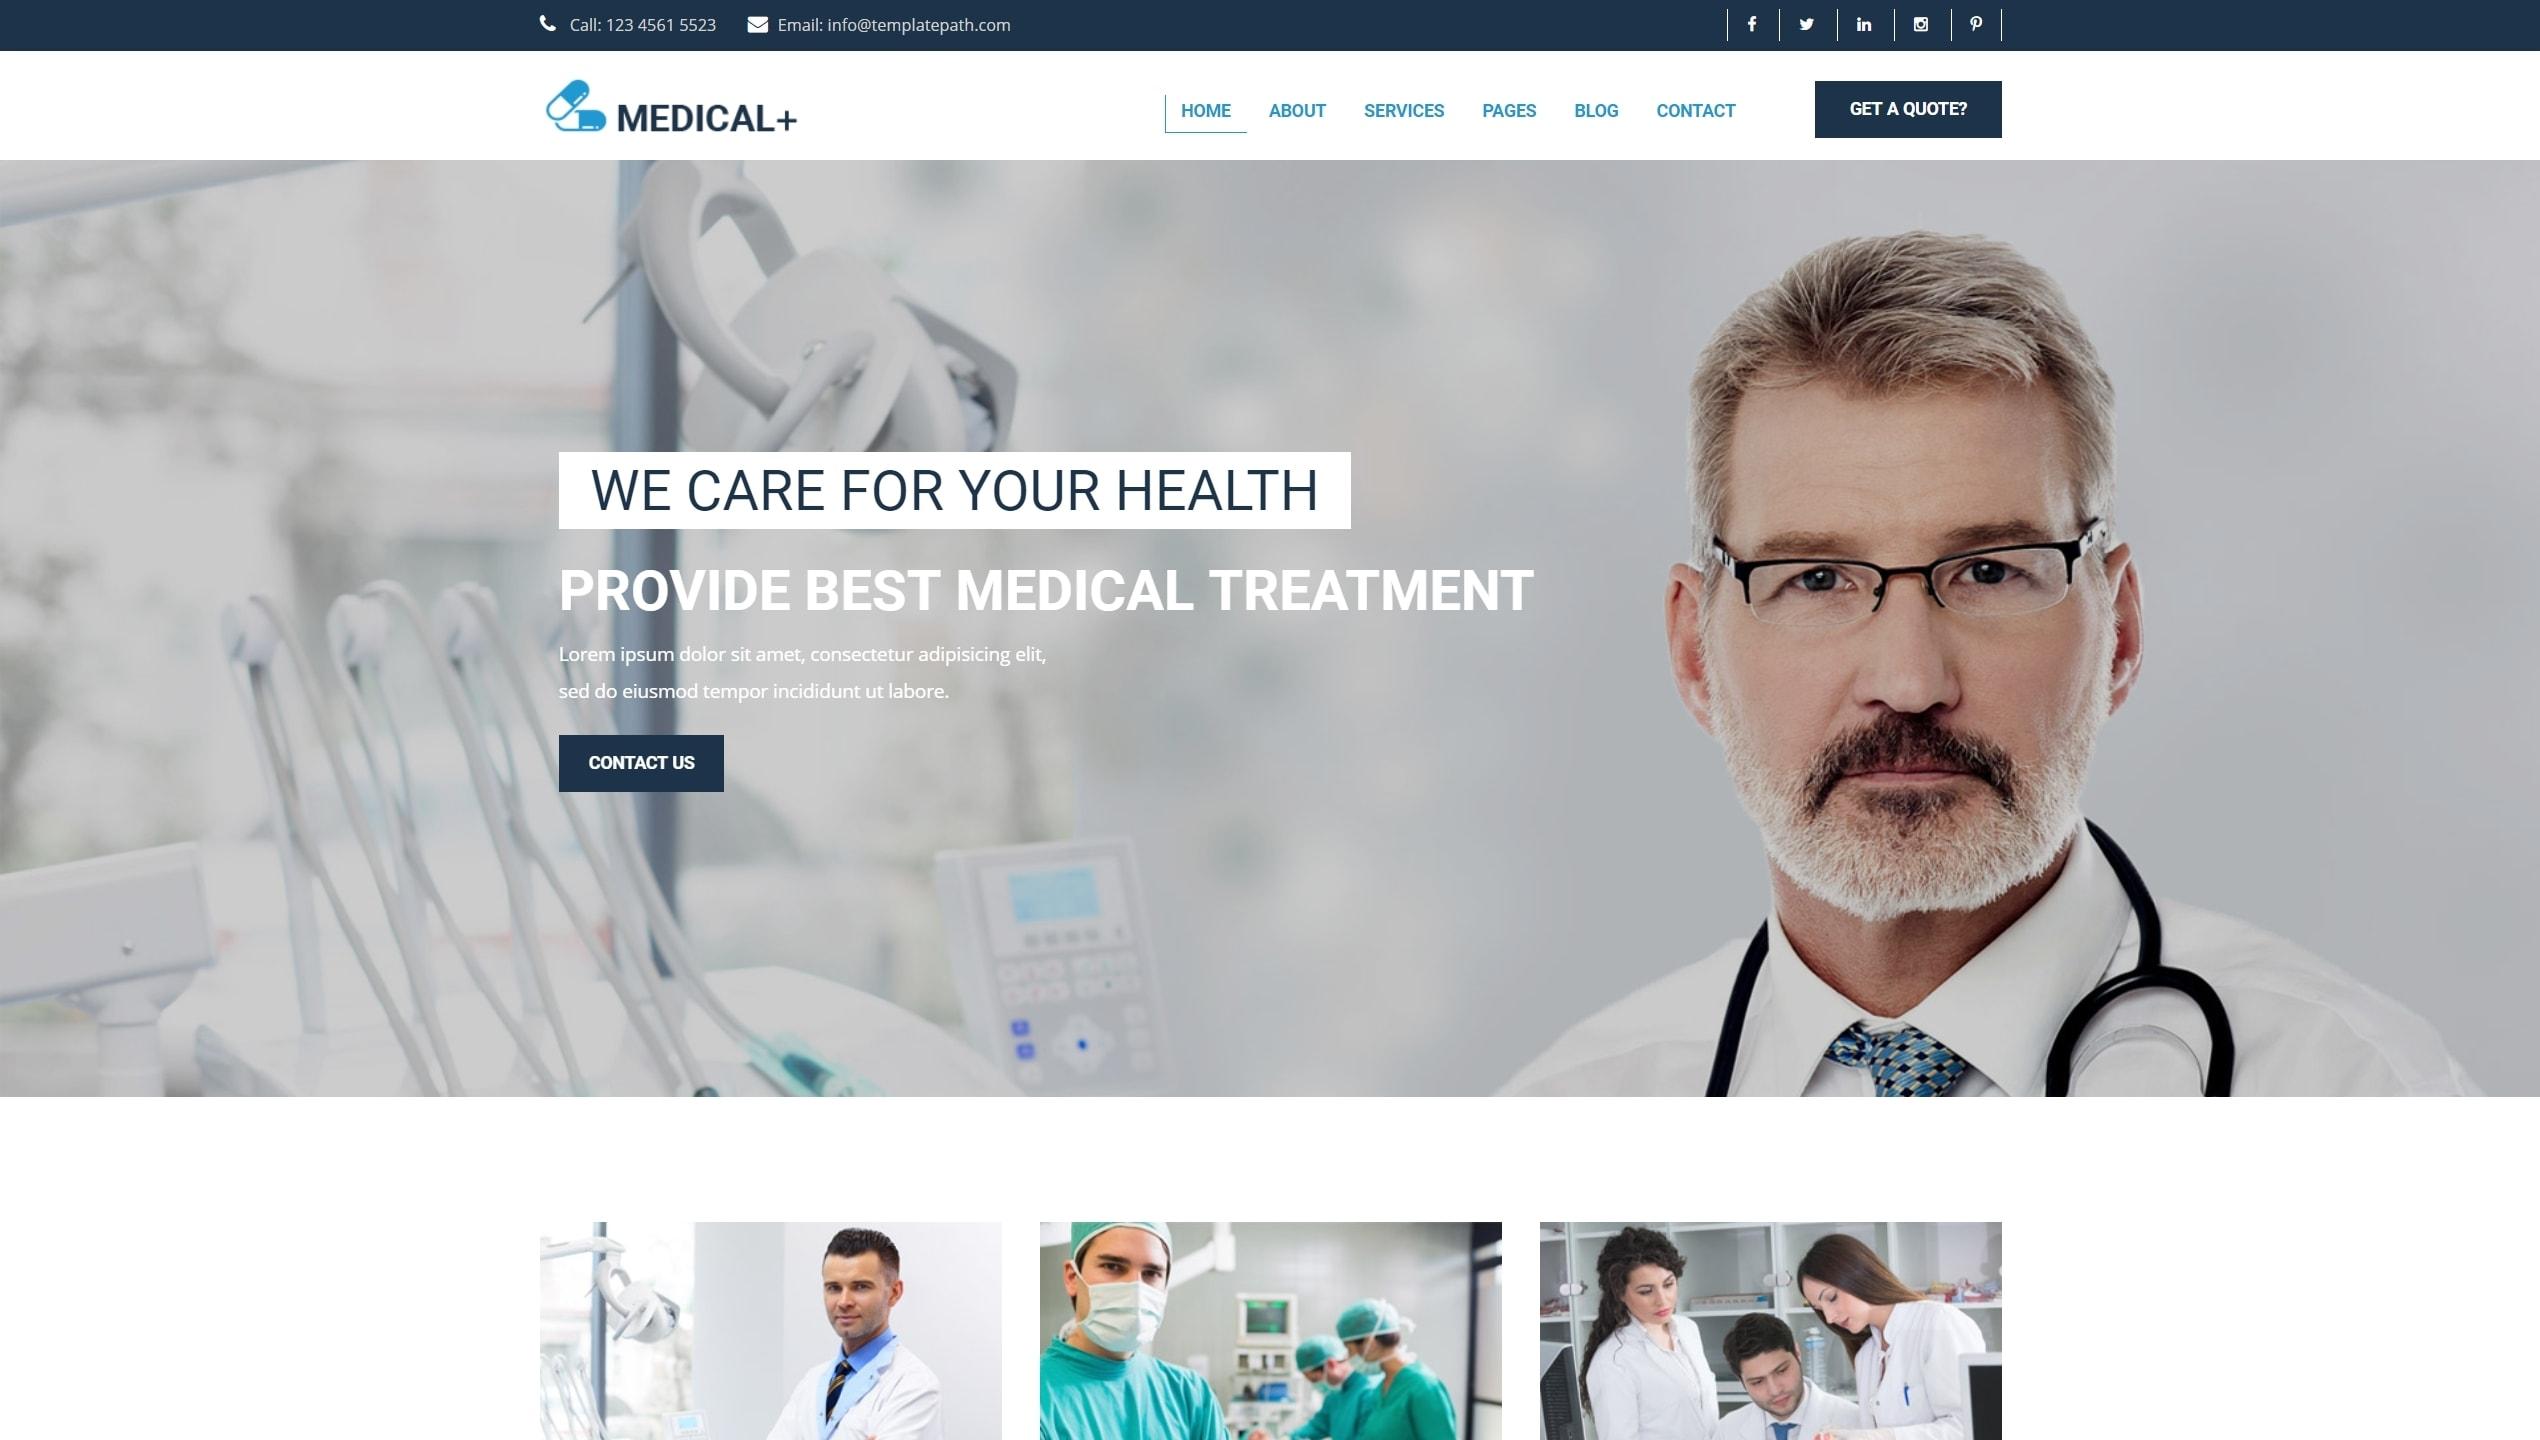 Адаптивные шаблоны медицина HTML с онлайн-формой записи